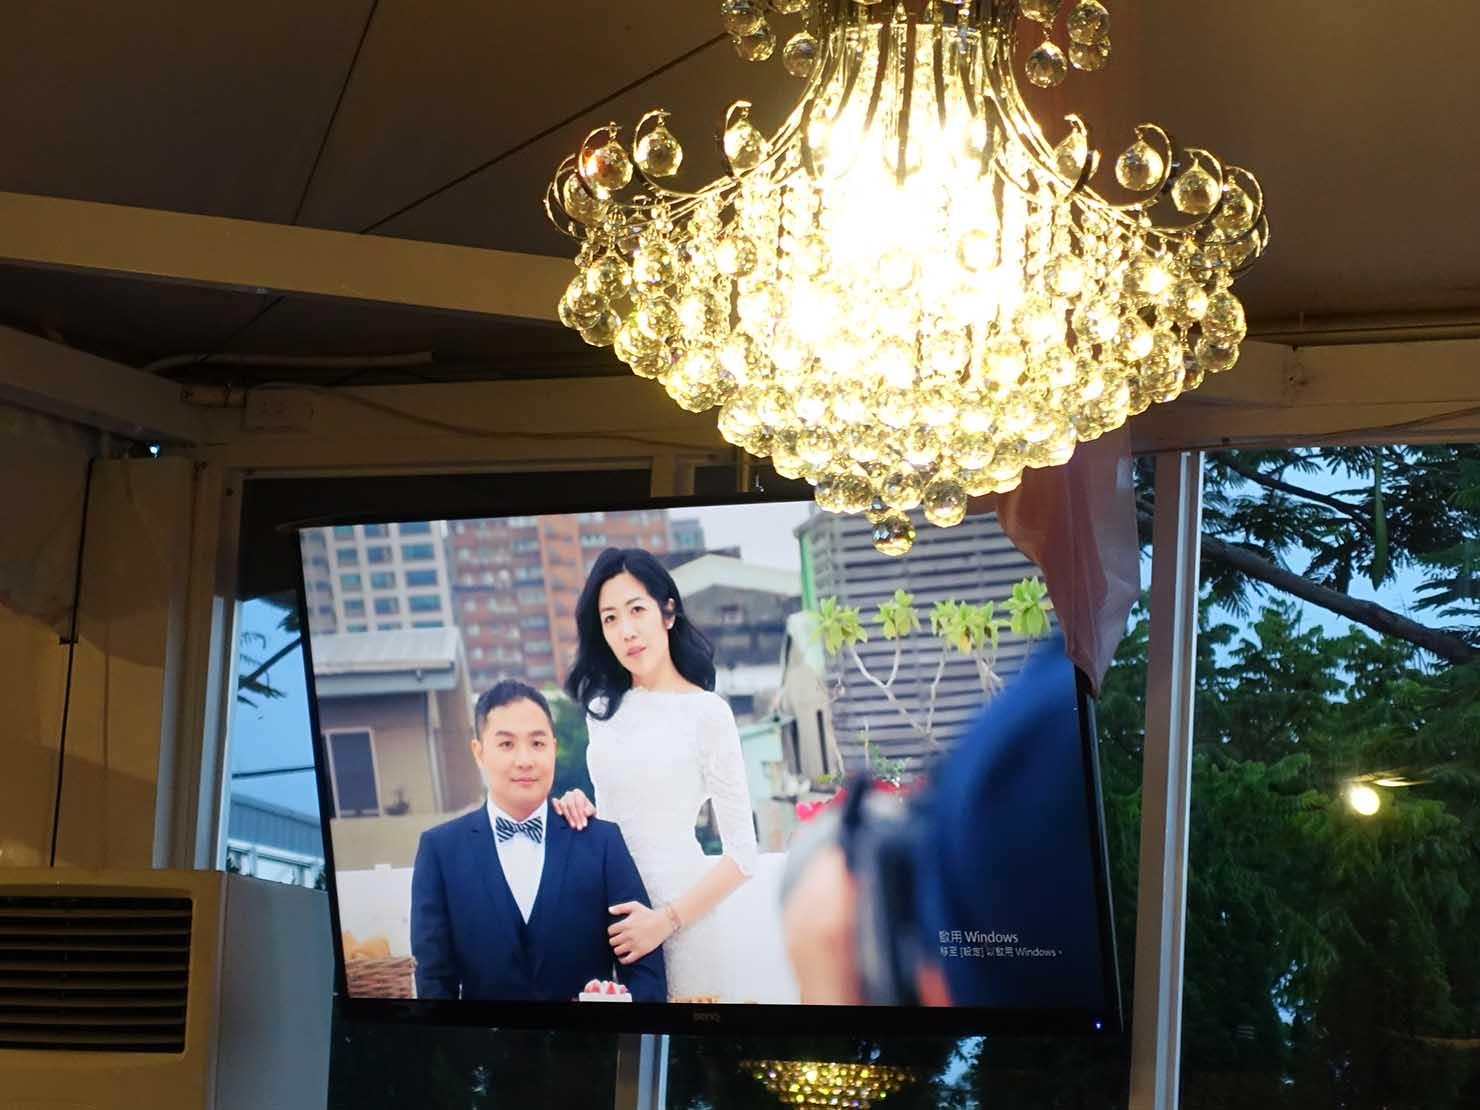 台湾の結婚式で公開された記念写真「婚紗」撮影の裏側